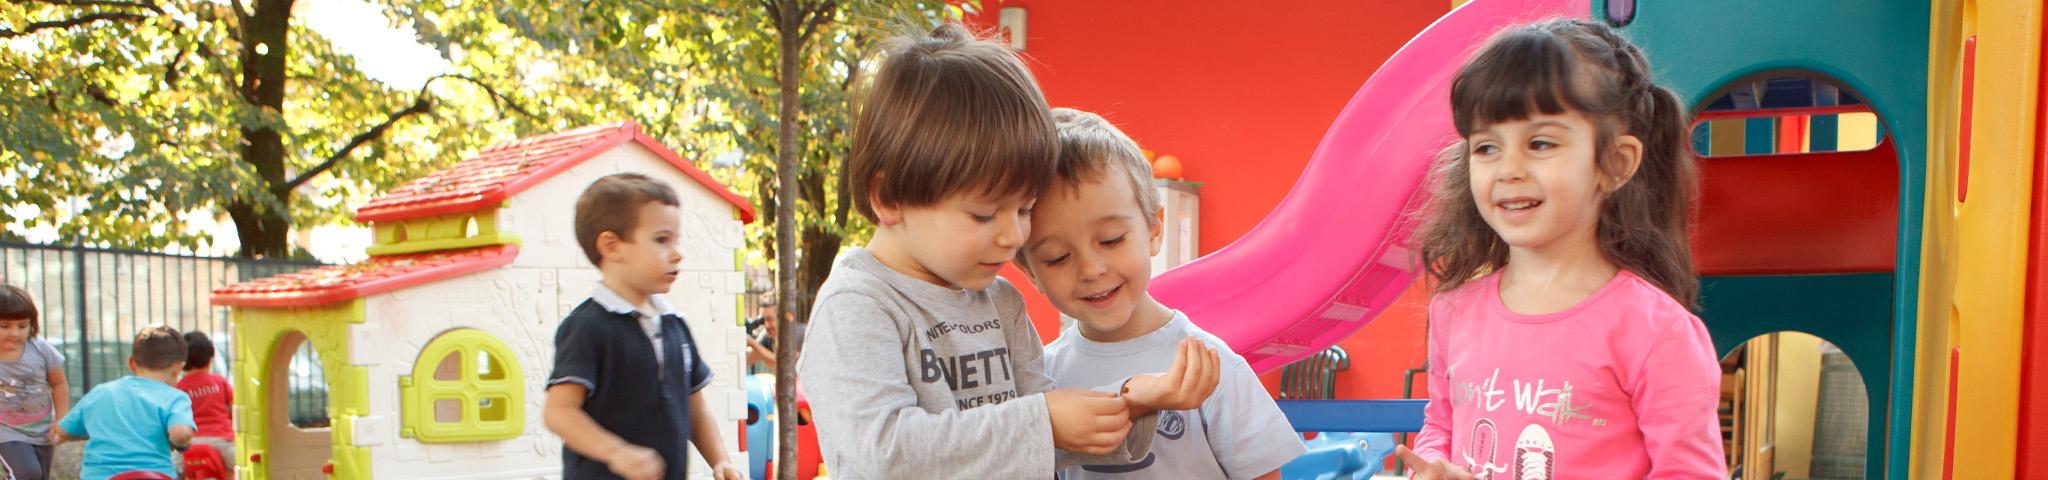 Programmi vacanze per periodi di inattività scolastica - Happy Child, Lombardia